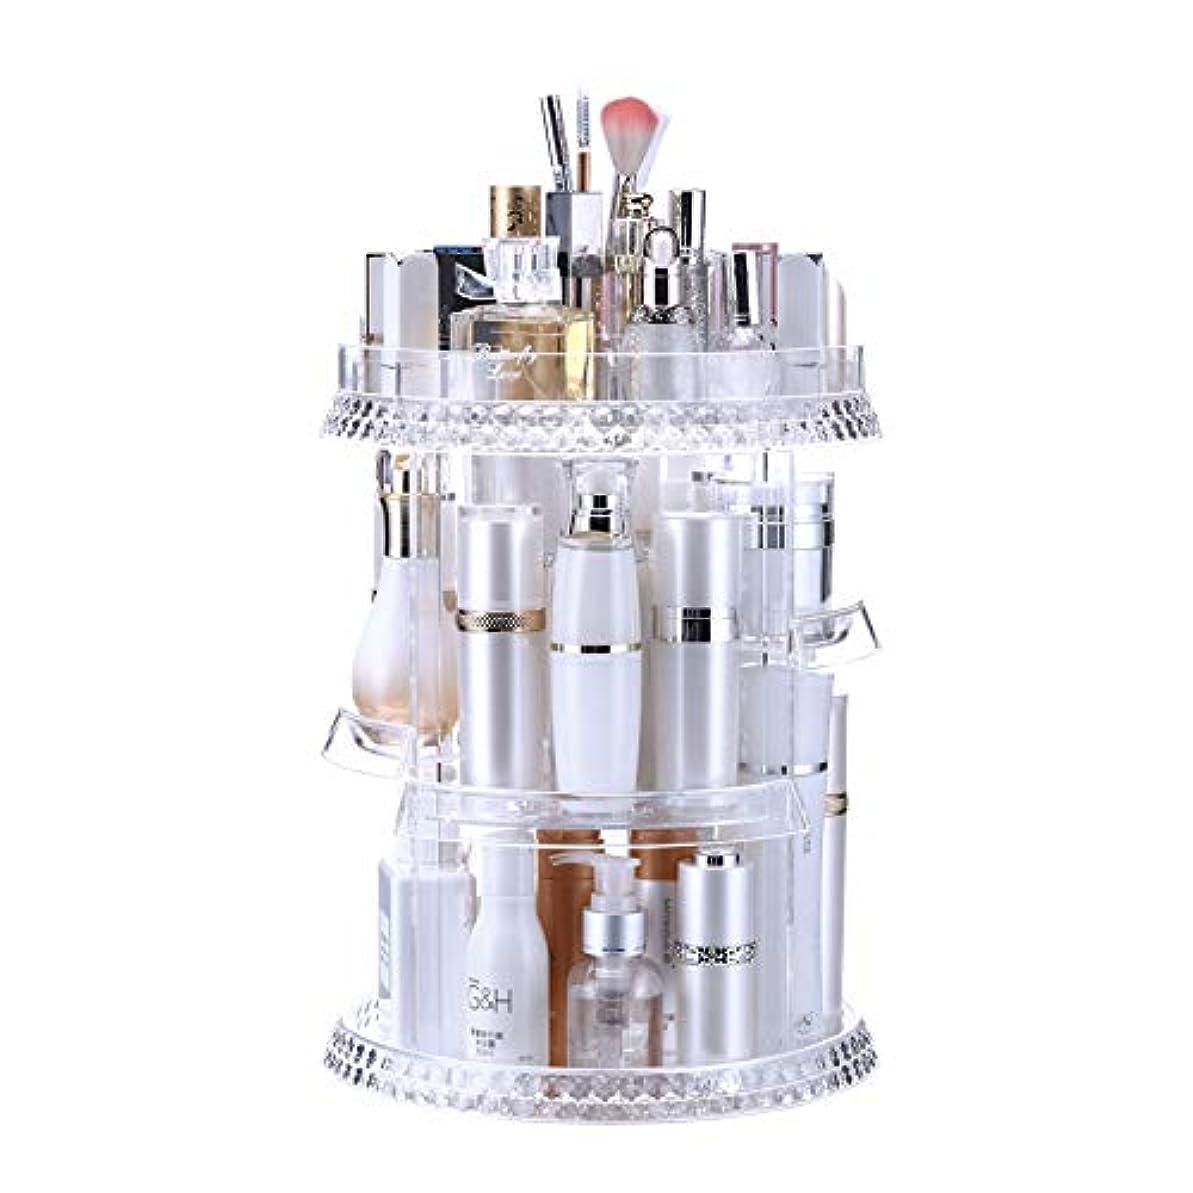 上回る赤面シーサイドStarmory メイクボックス 360度回転式 大容量 (ダイヤモンドクリスタルスタイル) メイクケース 香水 口紅 化粧道具 収納 高さ調節可能 透明プラスチック化粧品ケース